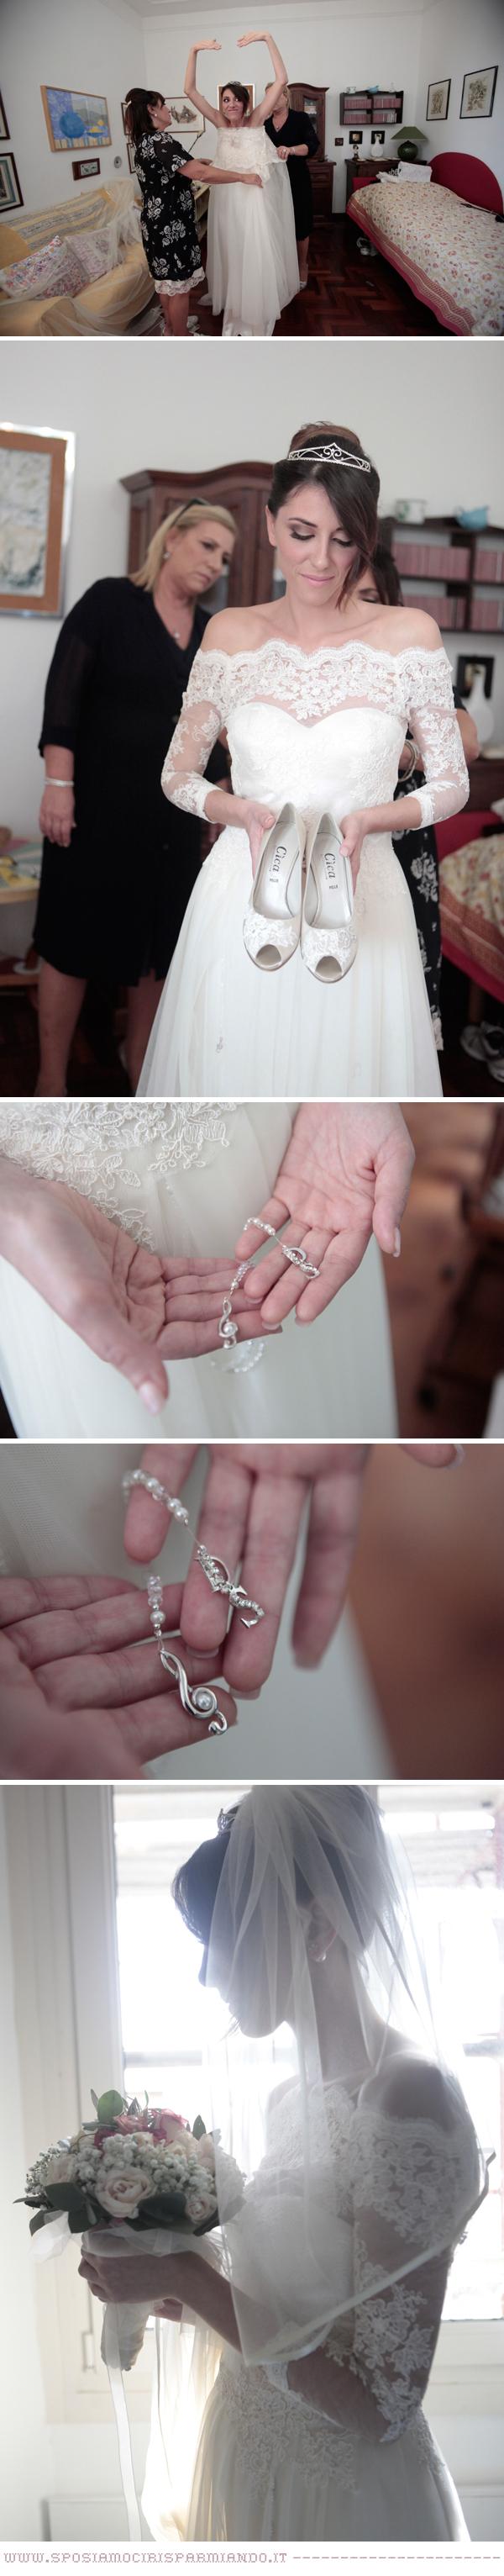 abito da sposa premaman per cerimonia religiosa e matrimonio a tema musica